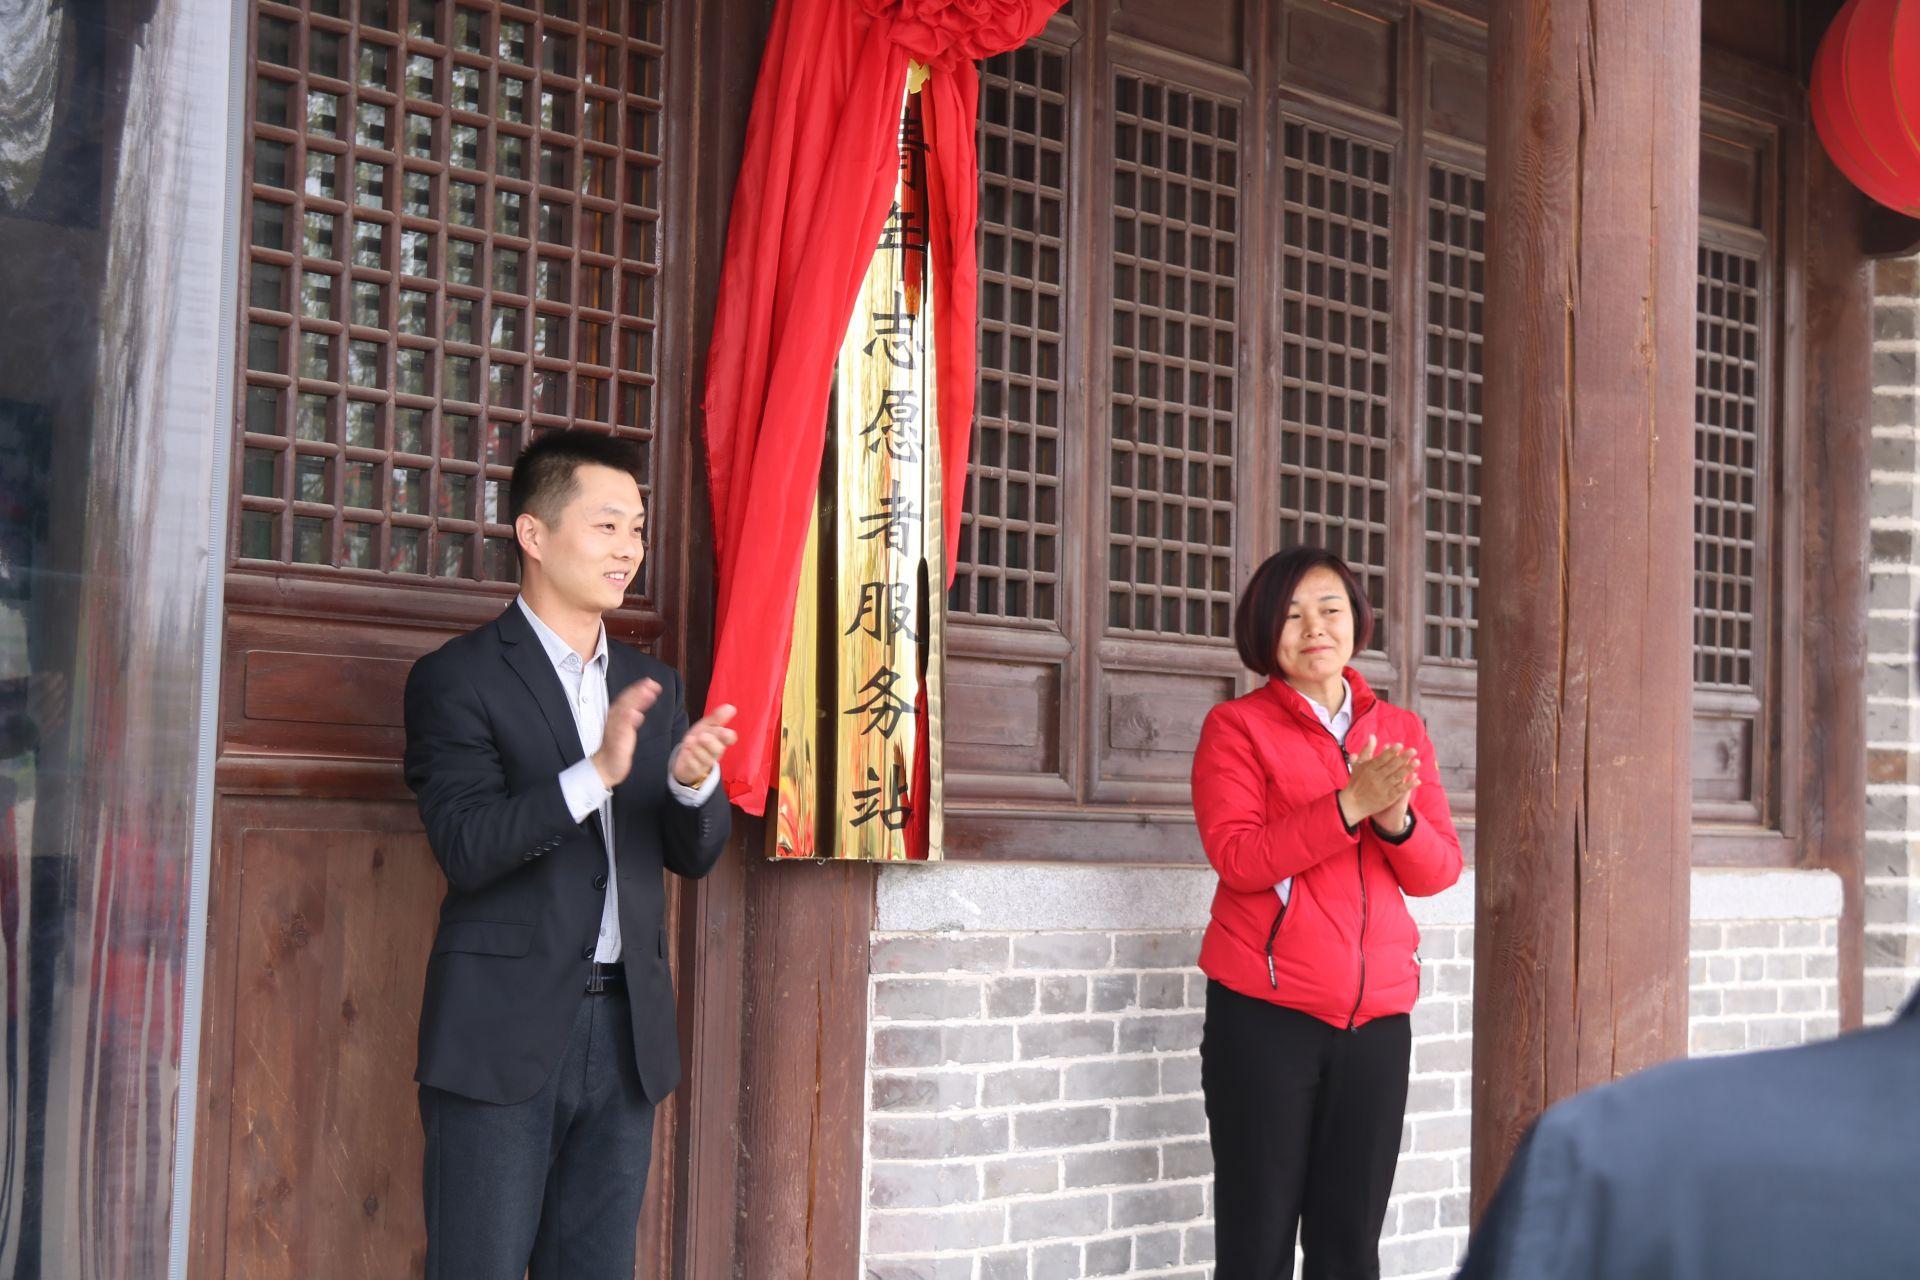 德百旅游小镇青年志愿者服务站揭牌